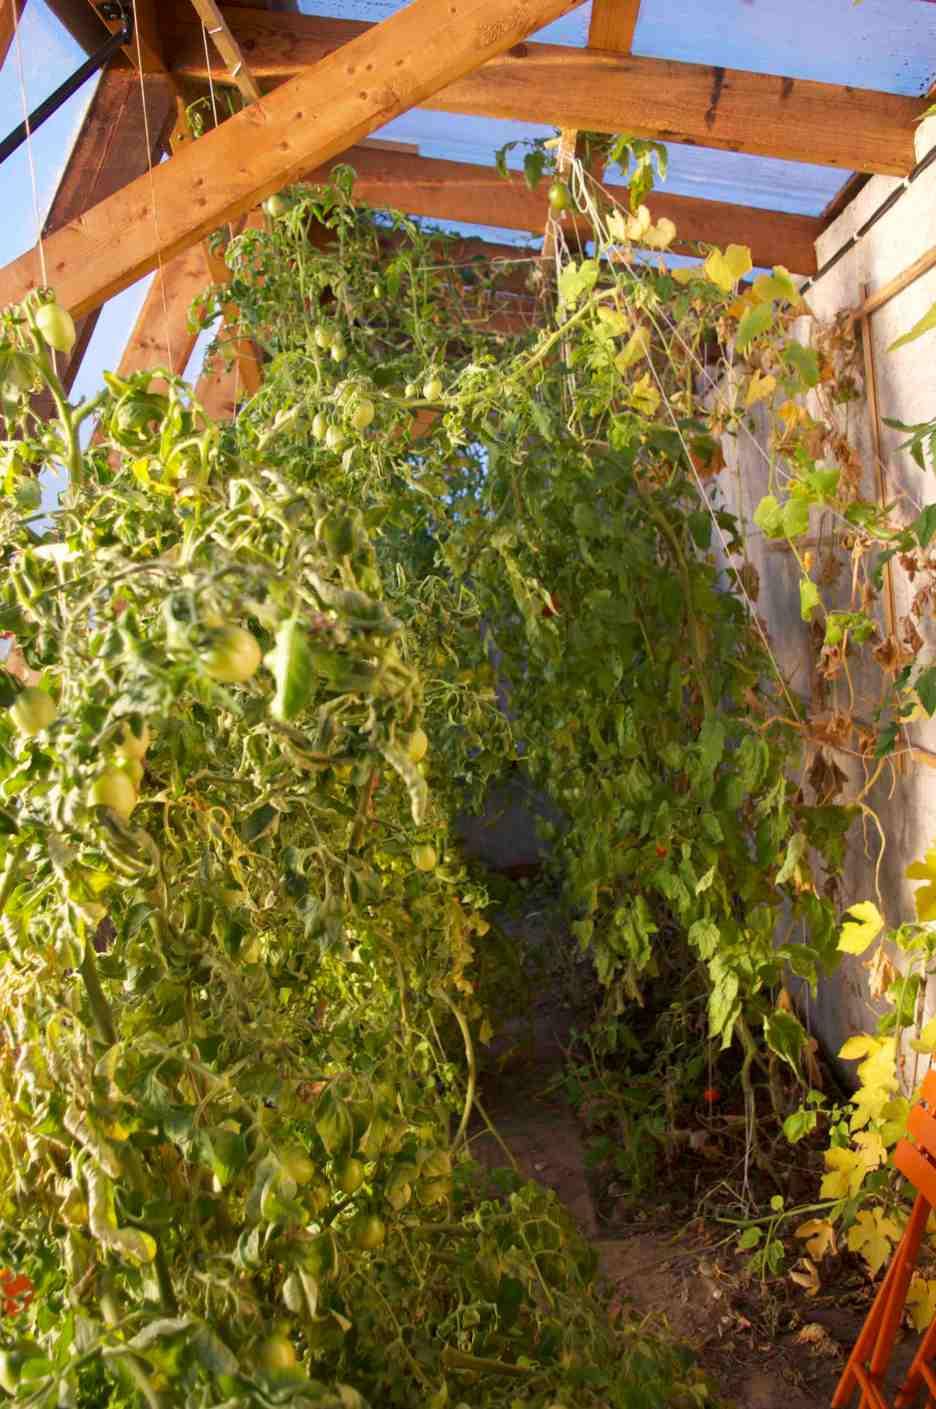 Die Tomaten wachsen mittlerweile bis zur Decke und mussten auch schon gestutzt werden